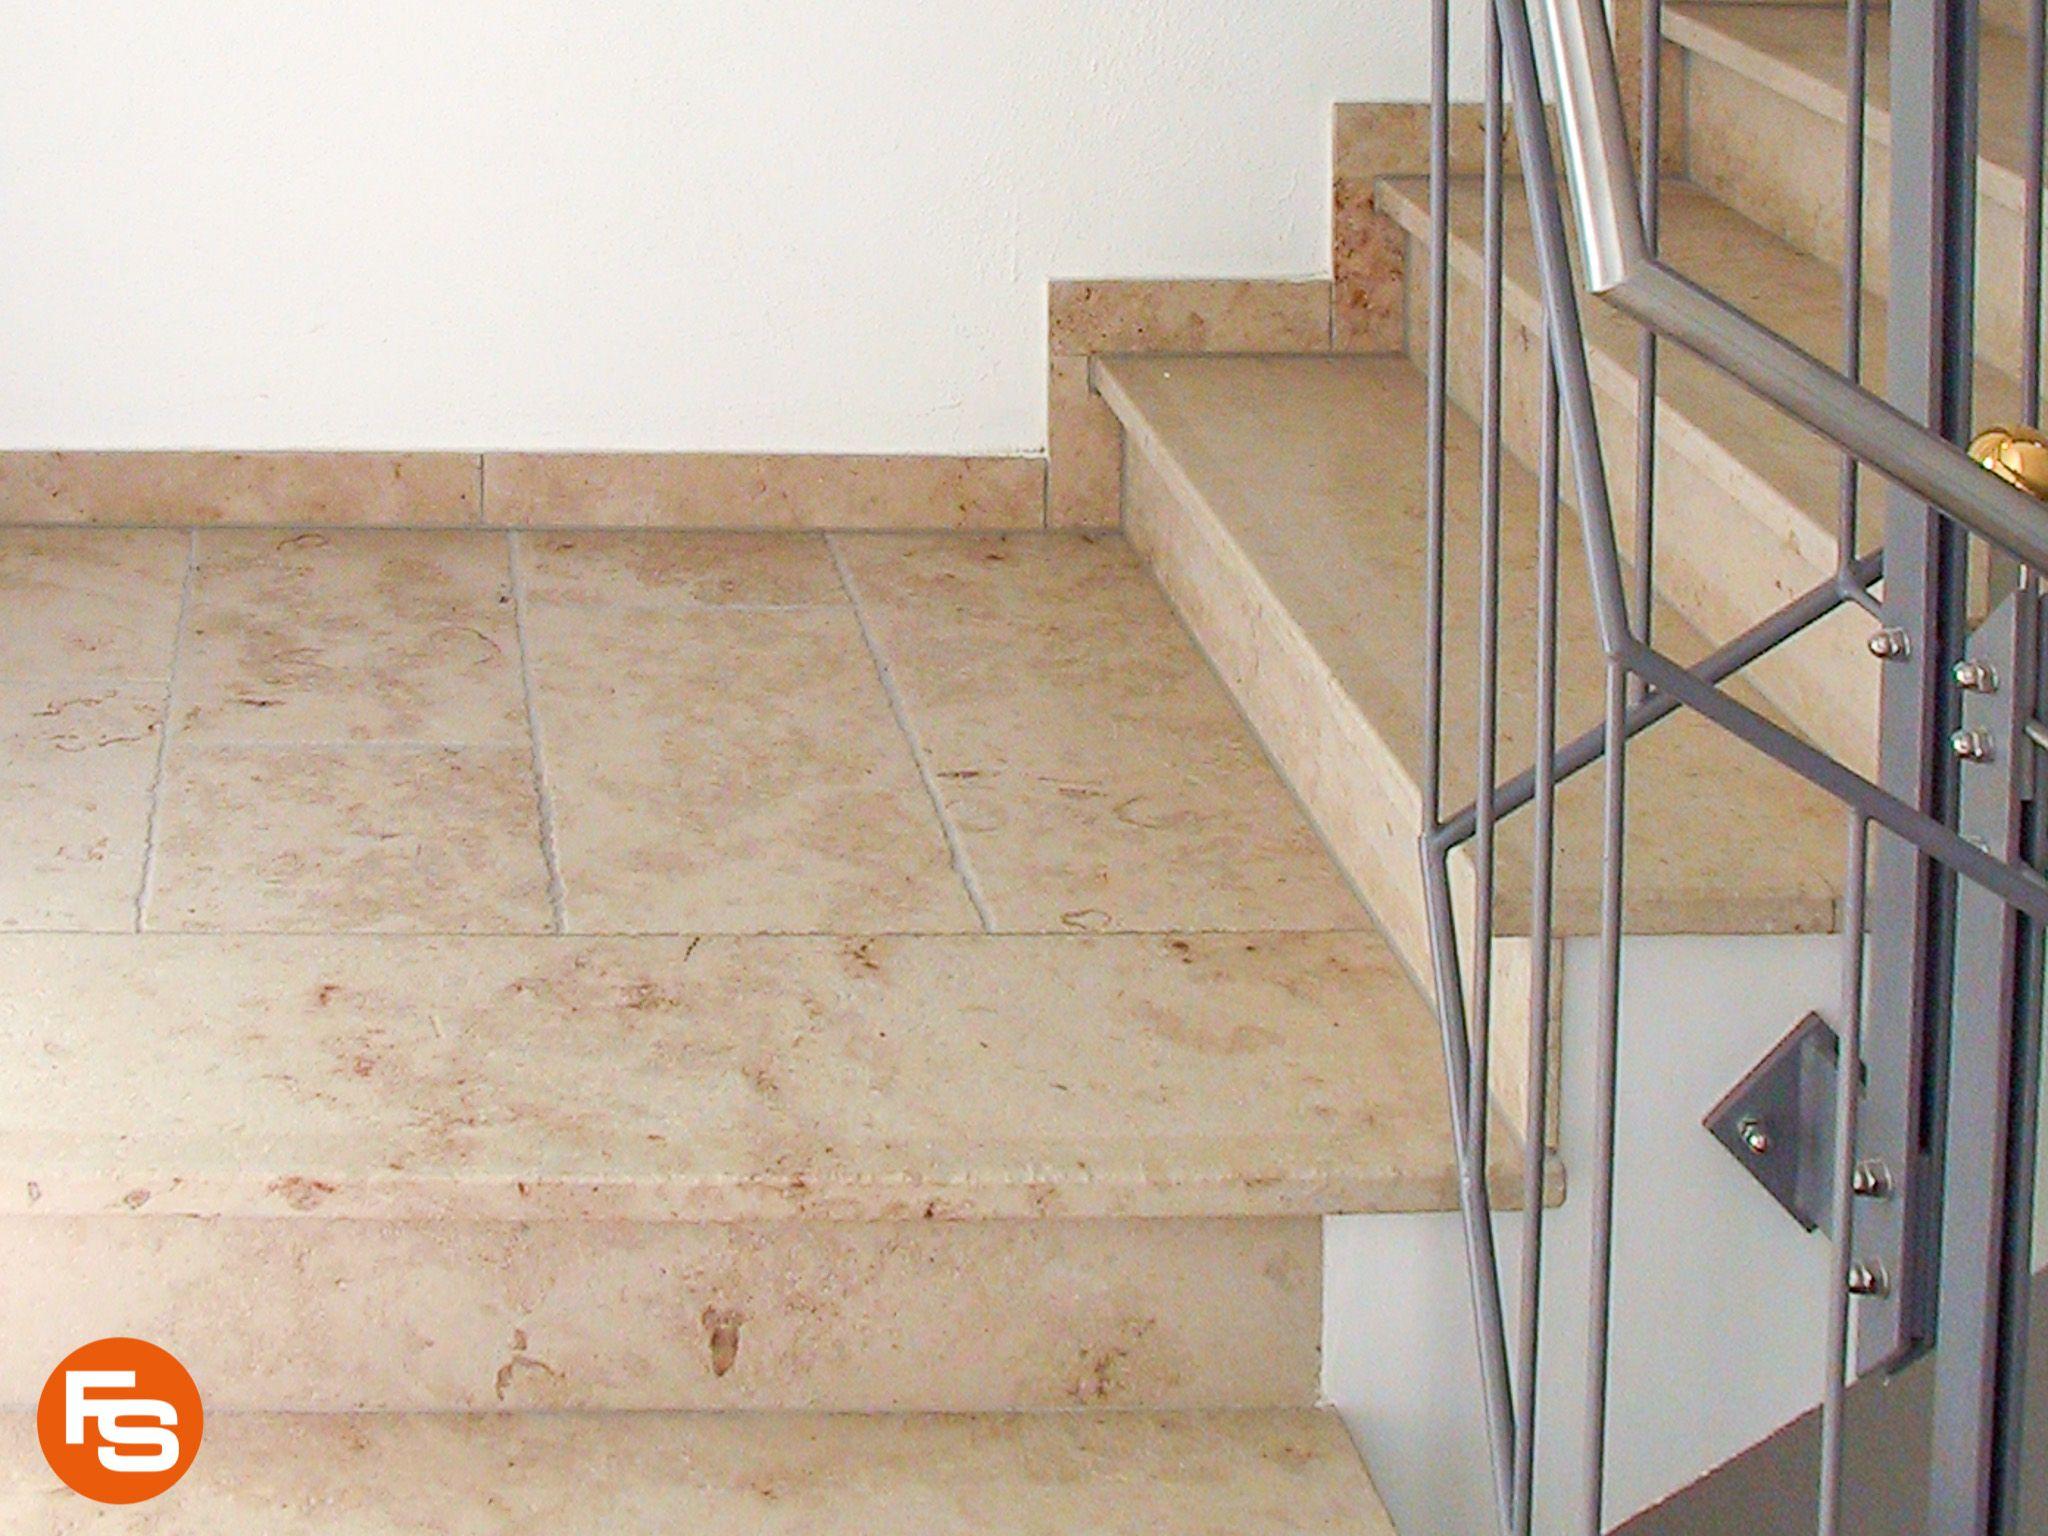 Dietfurter Kalkstein dietfurter kalkstein bordeaux als bodenplatten setz und